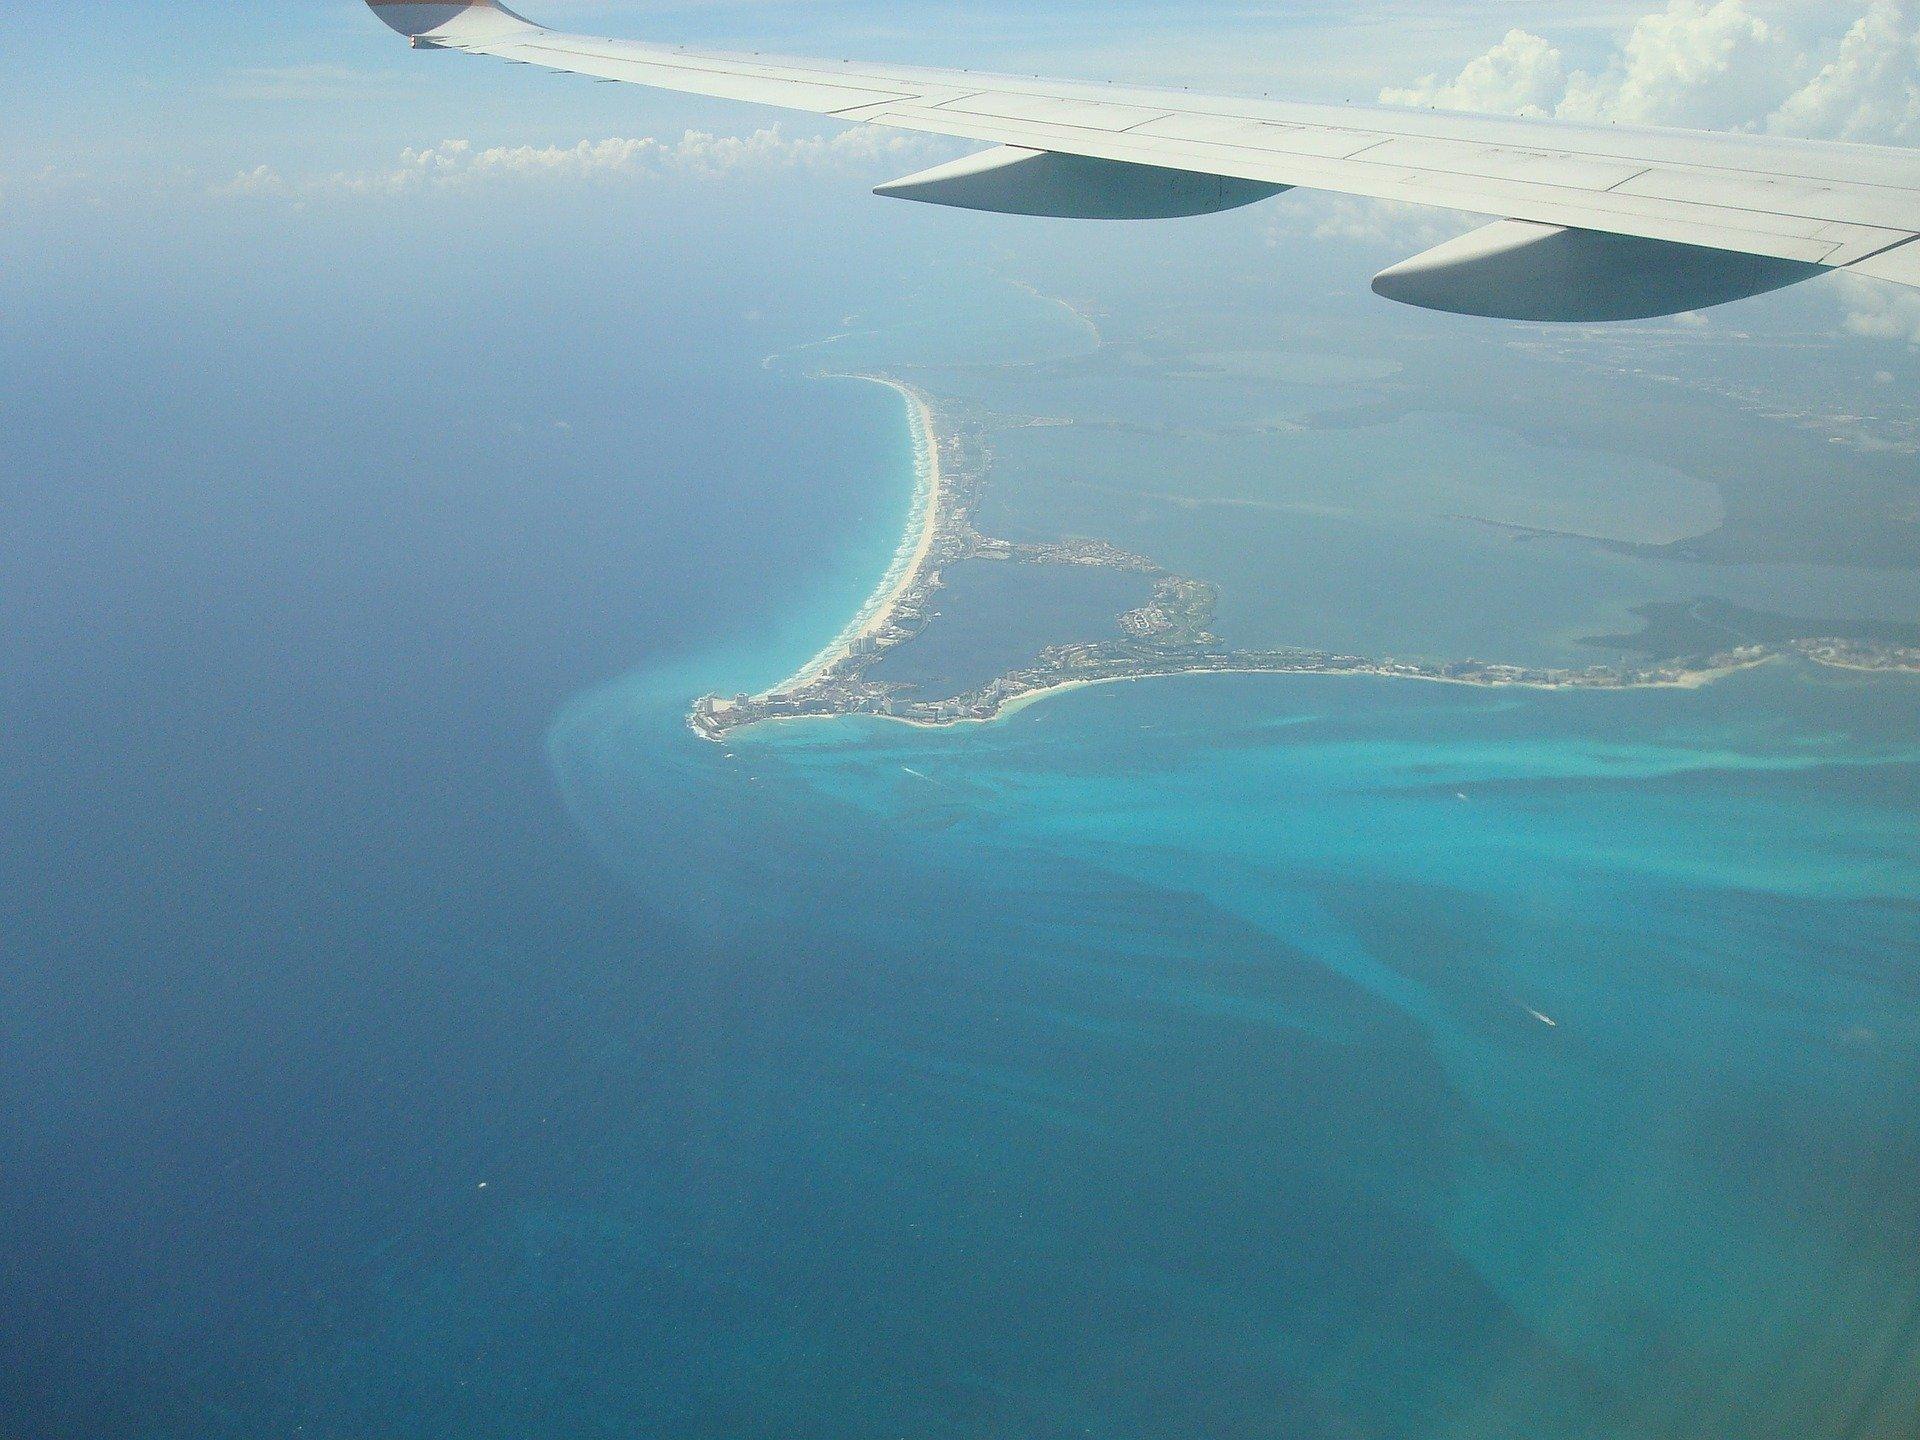 cómo viajar barato a cancún 2